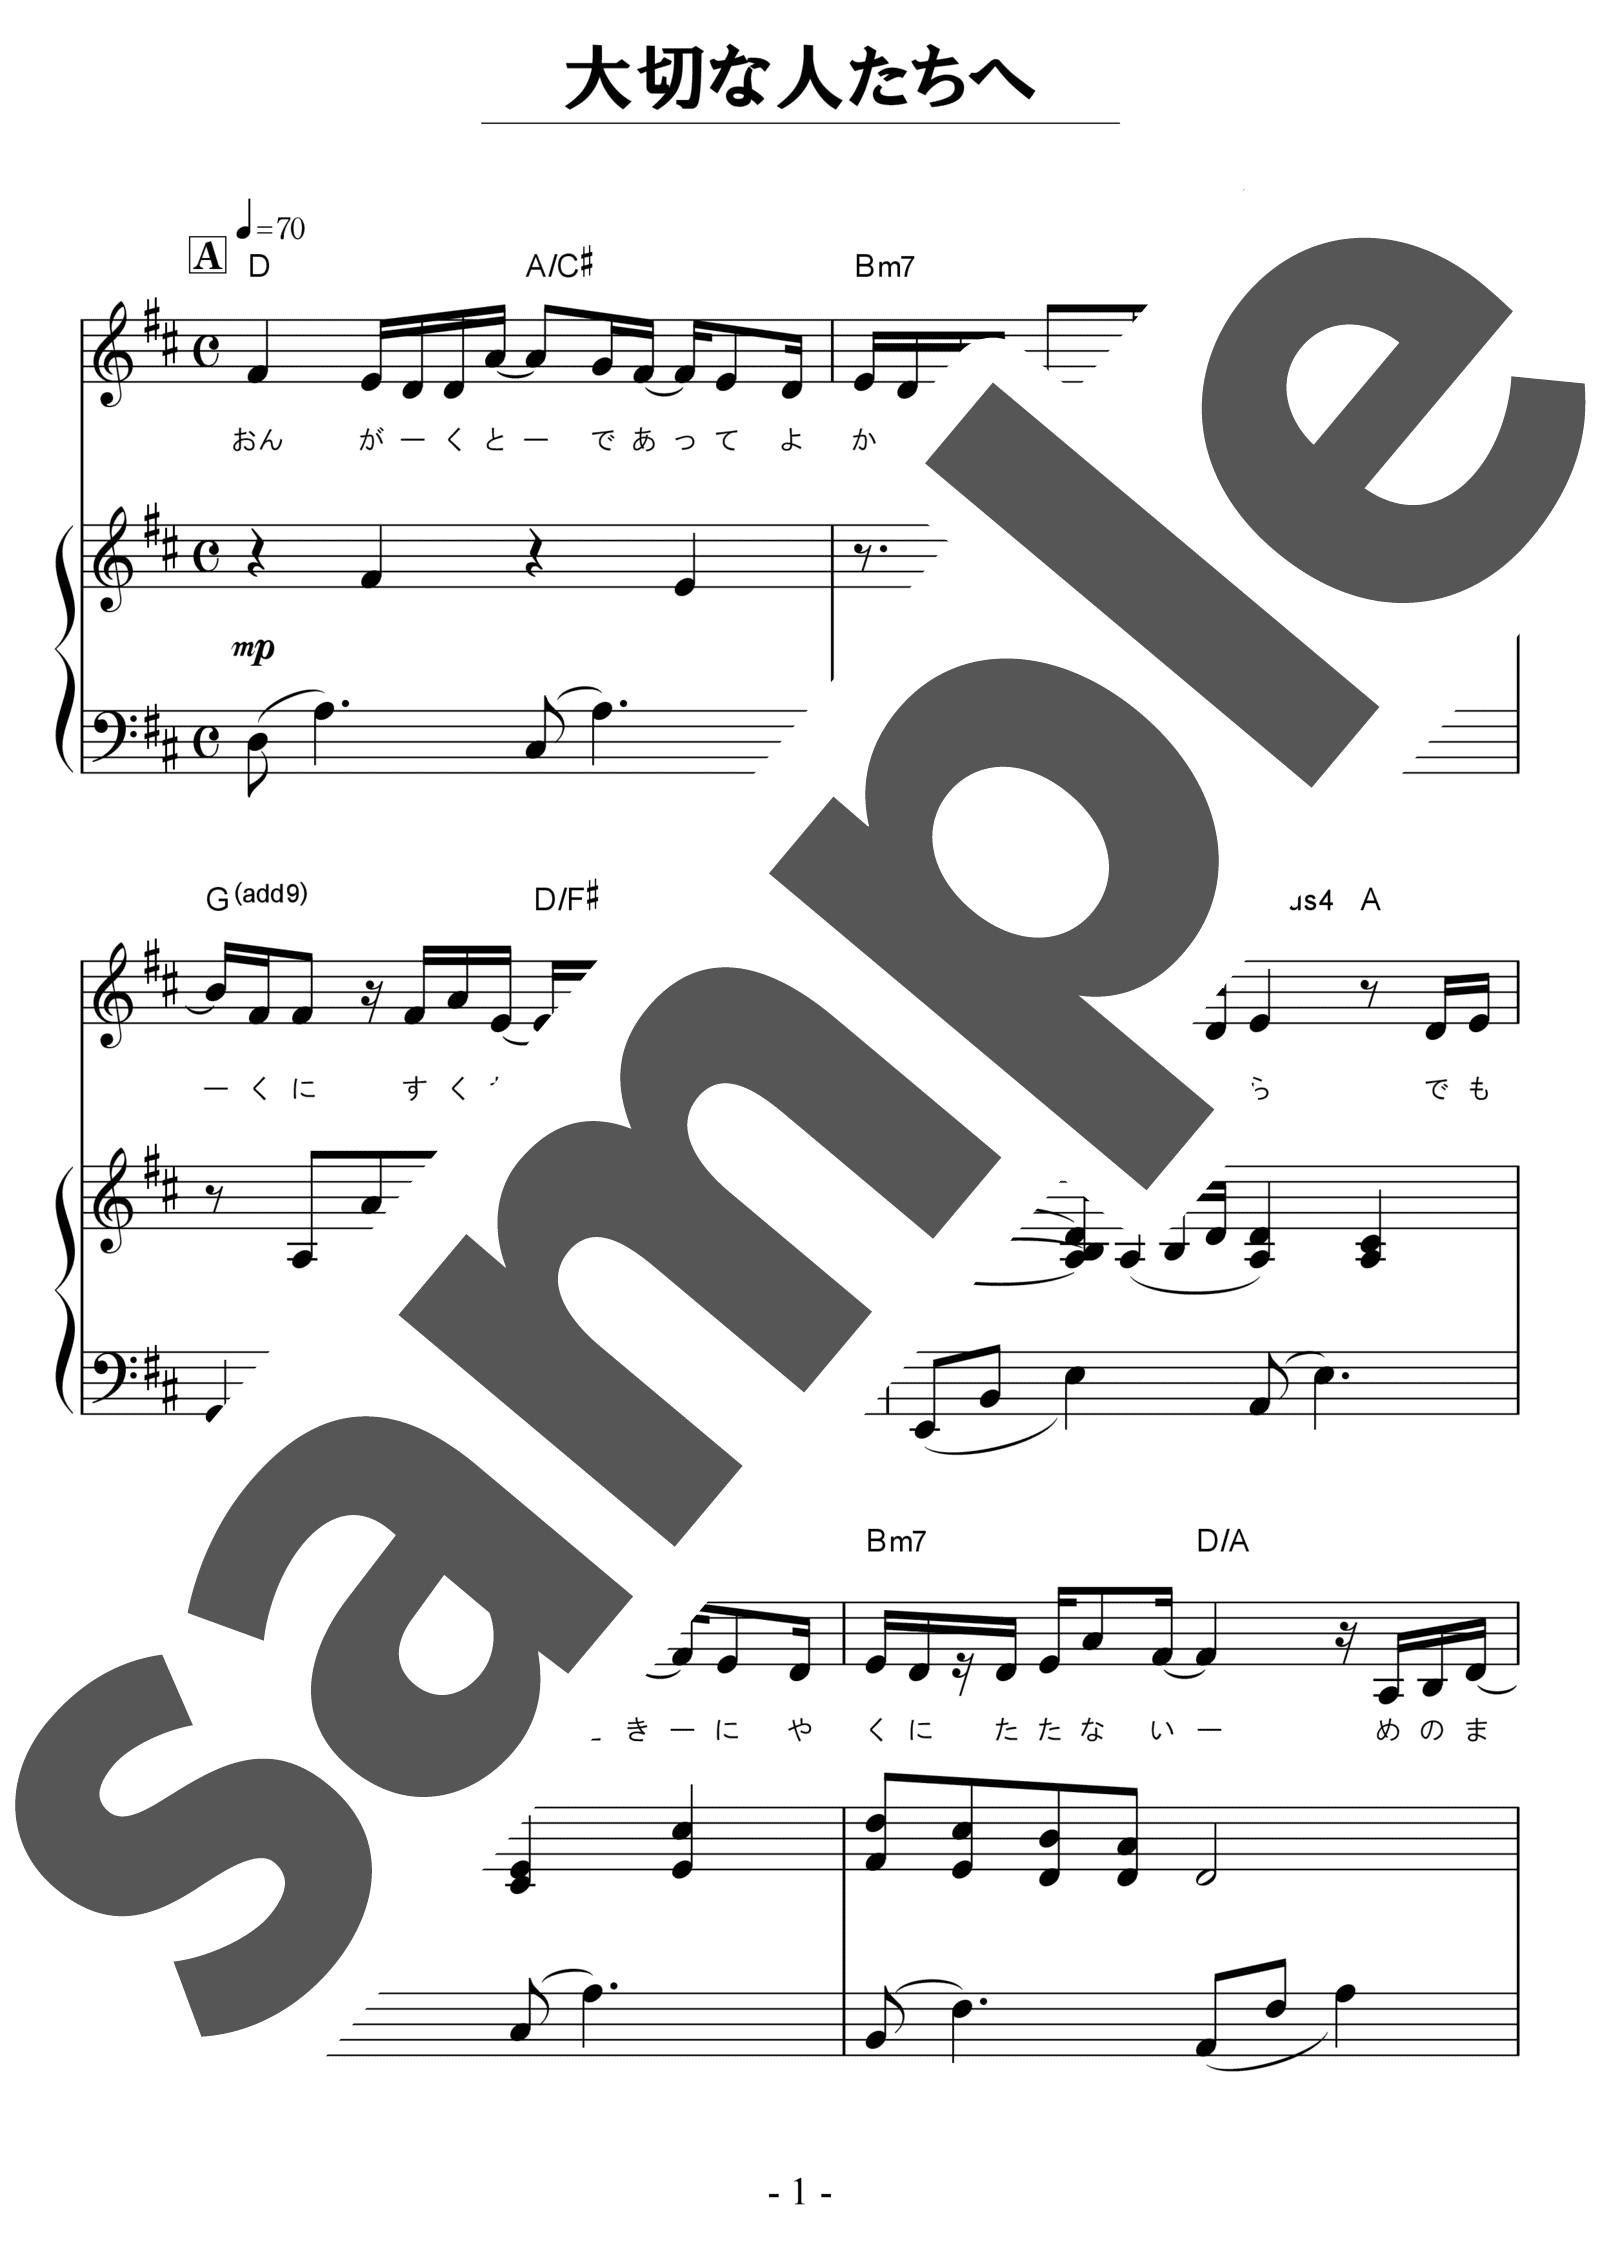 「大切な人たちへ」のサンプル楽譜